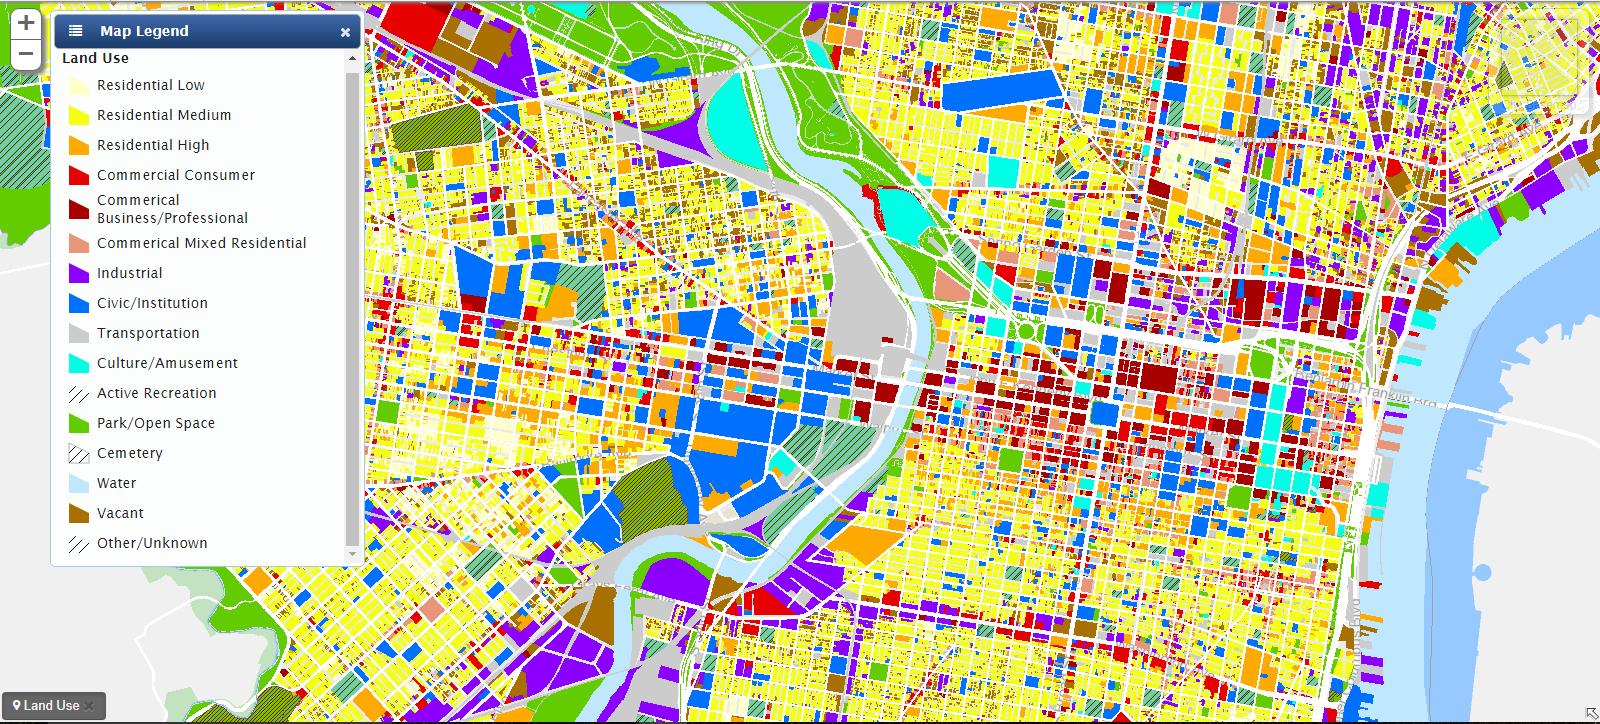 Land Use Map Land Use Map | Encyclopedia of Greater Philadelphia